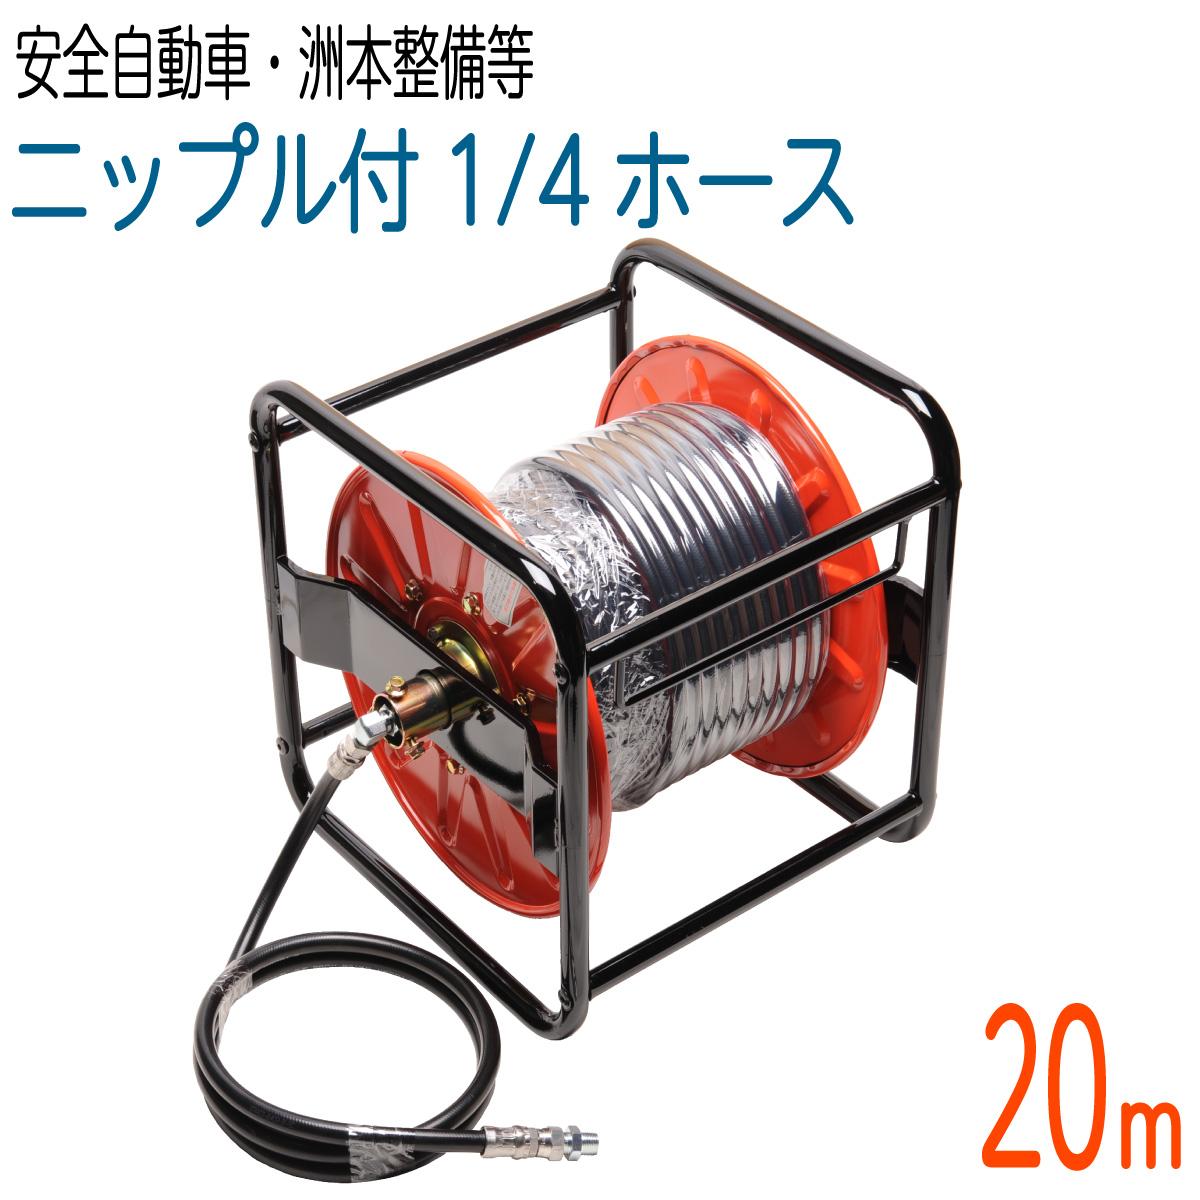 【20Mリール巻き】 両端スプリング付  235k 1/4サイズ 高圧洗浄 タフホース(安全自動車・洲本整備機製作所など)